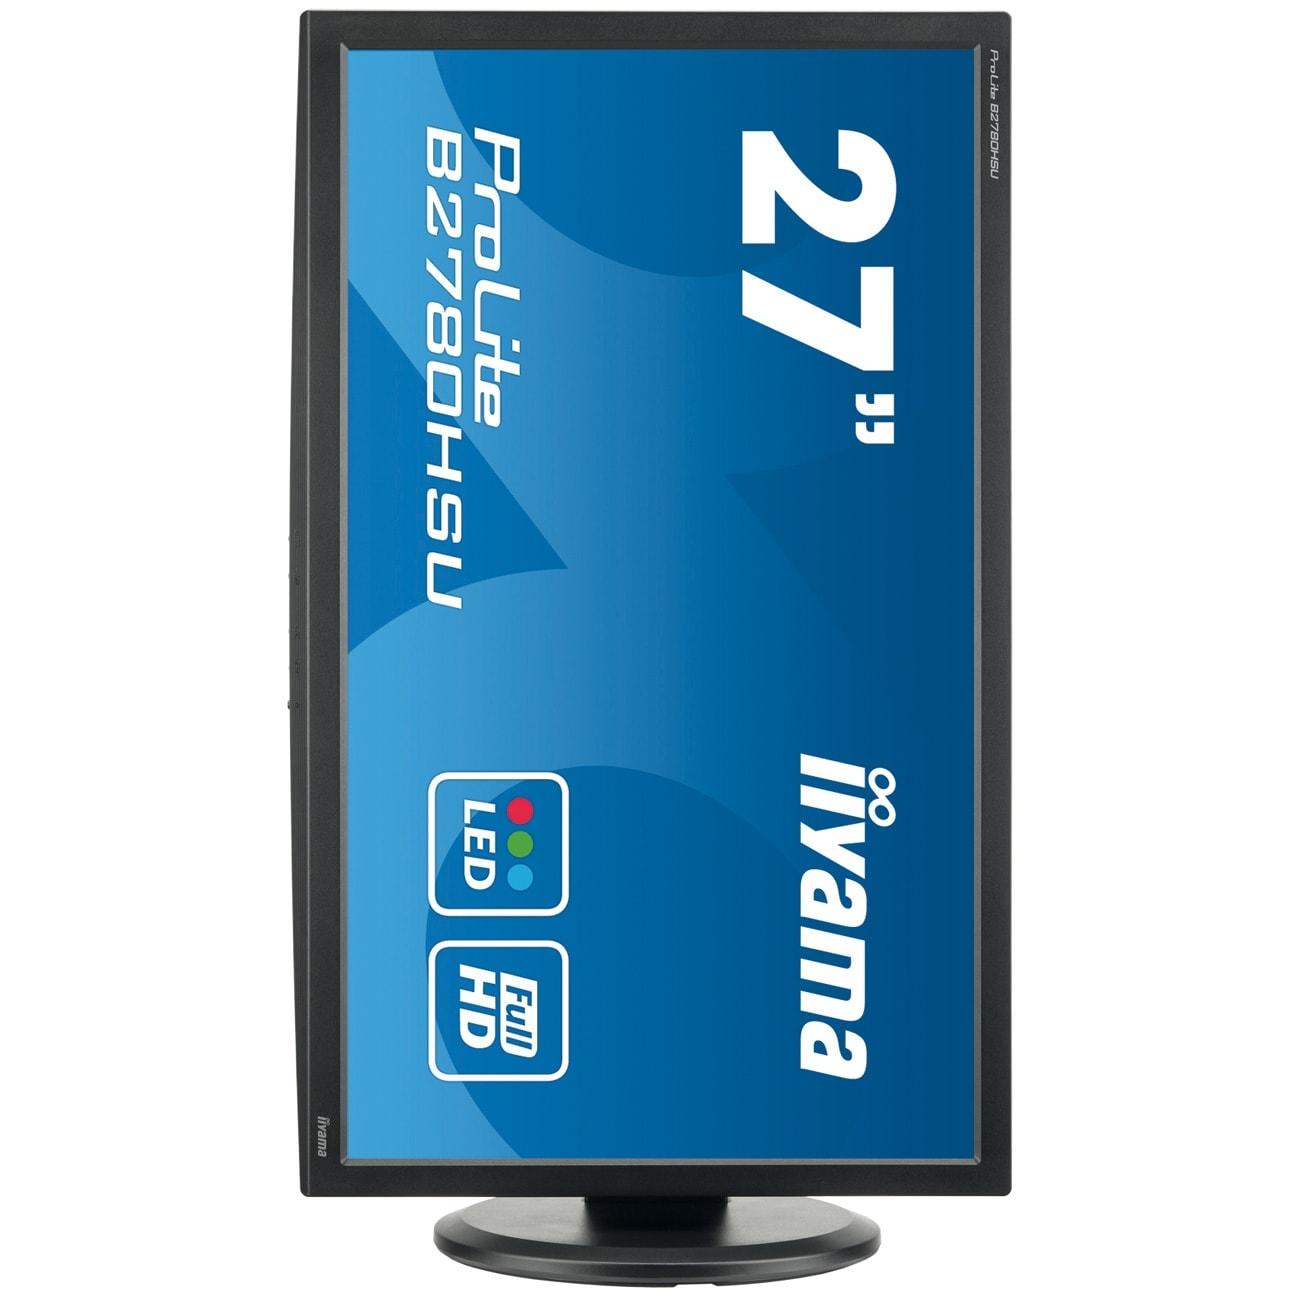 Iiyama B2780HSU-B1 (B2780HSU-B1) - Achat / Vente Ecran PC sur Cybertek.fr - 3